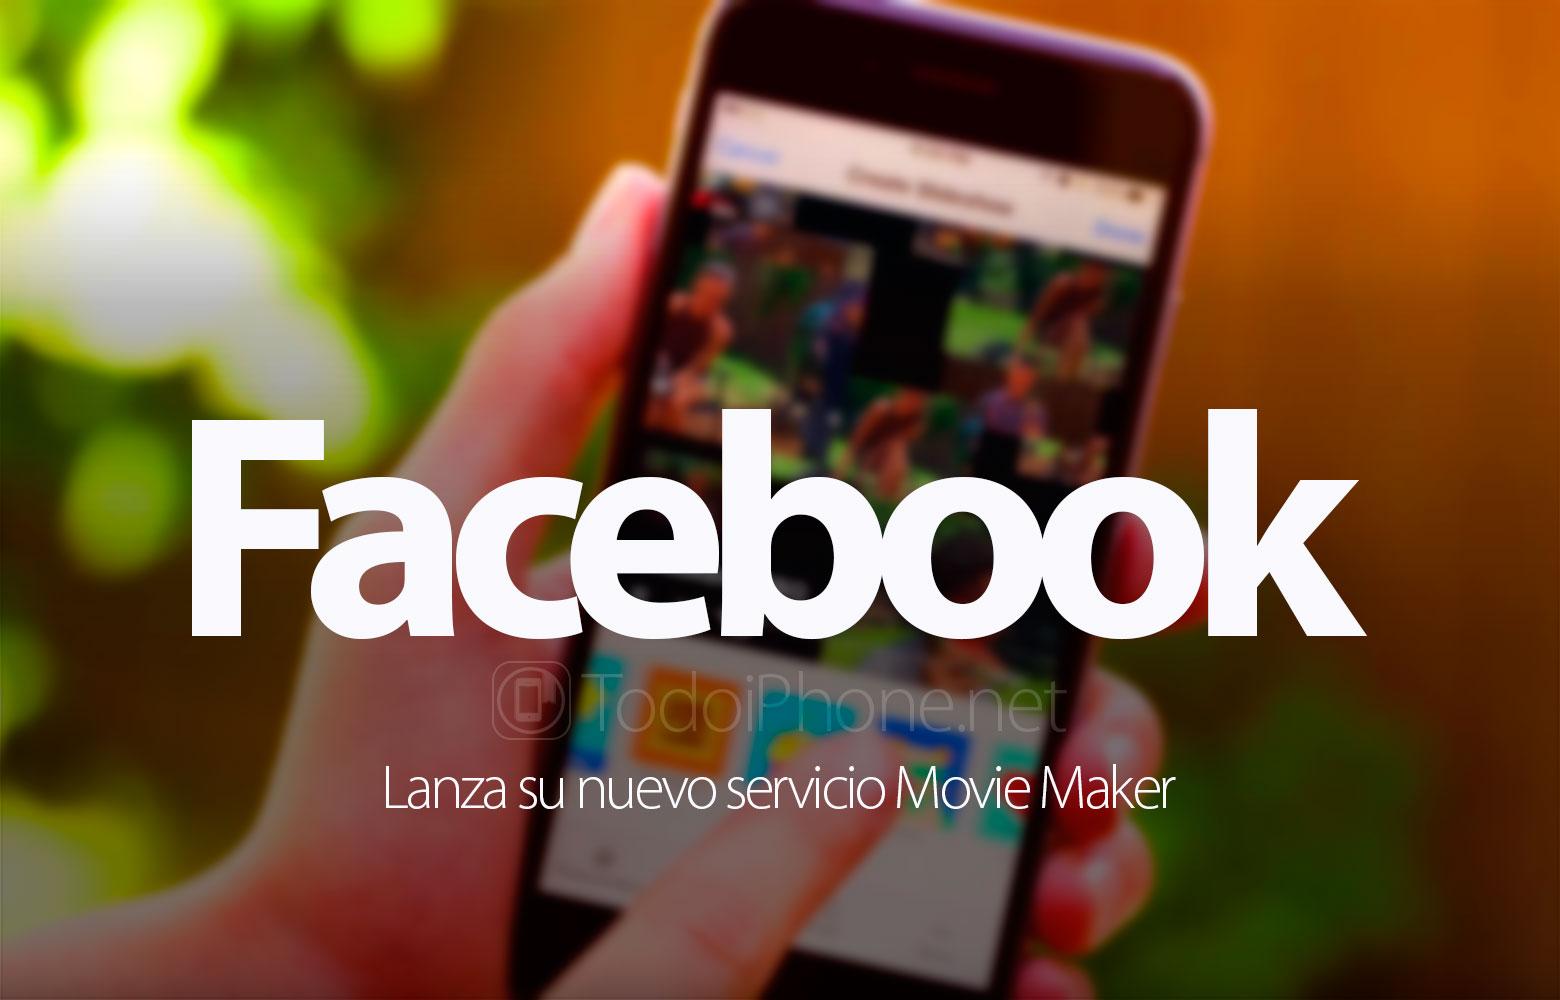 movie-maker-nuevo-servicio-facebook